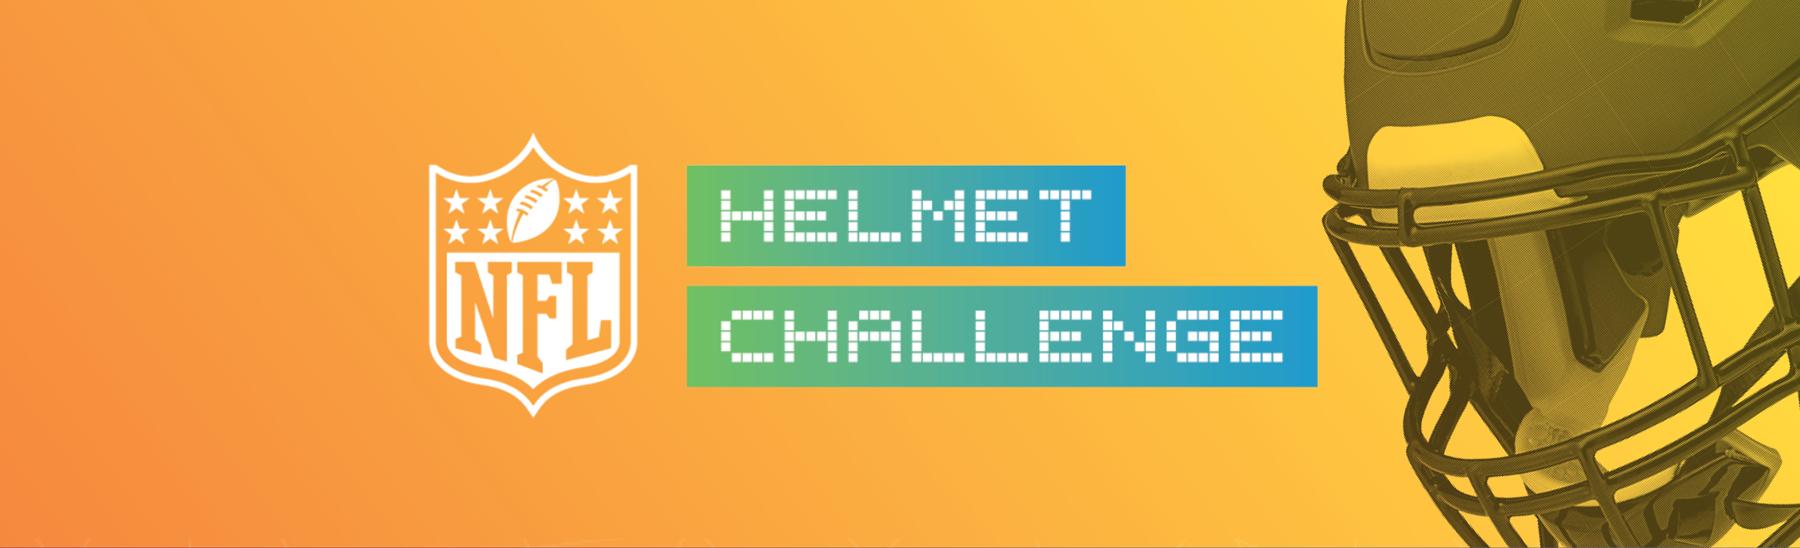 helmet-challenge-hero